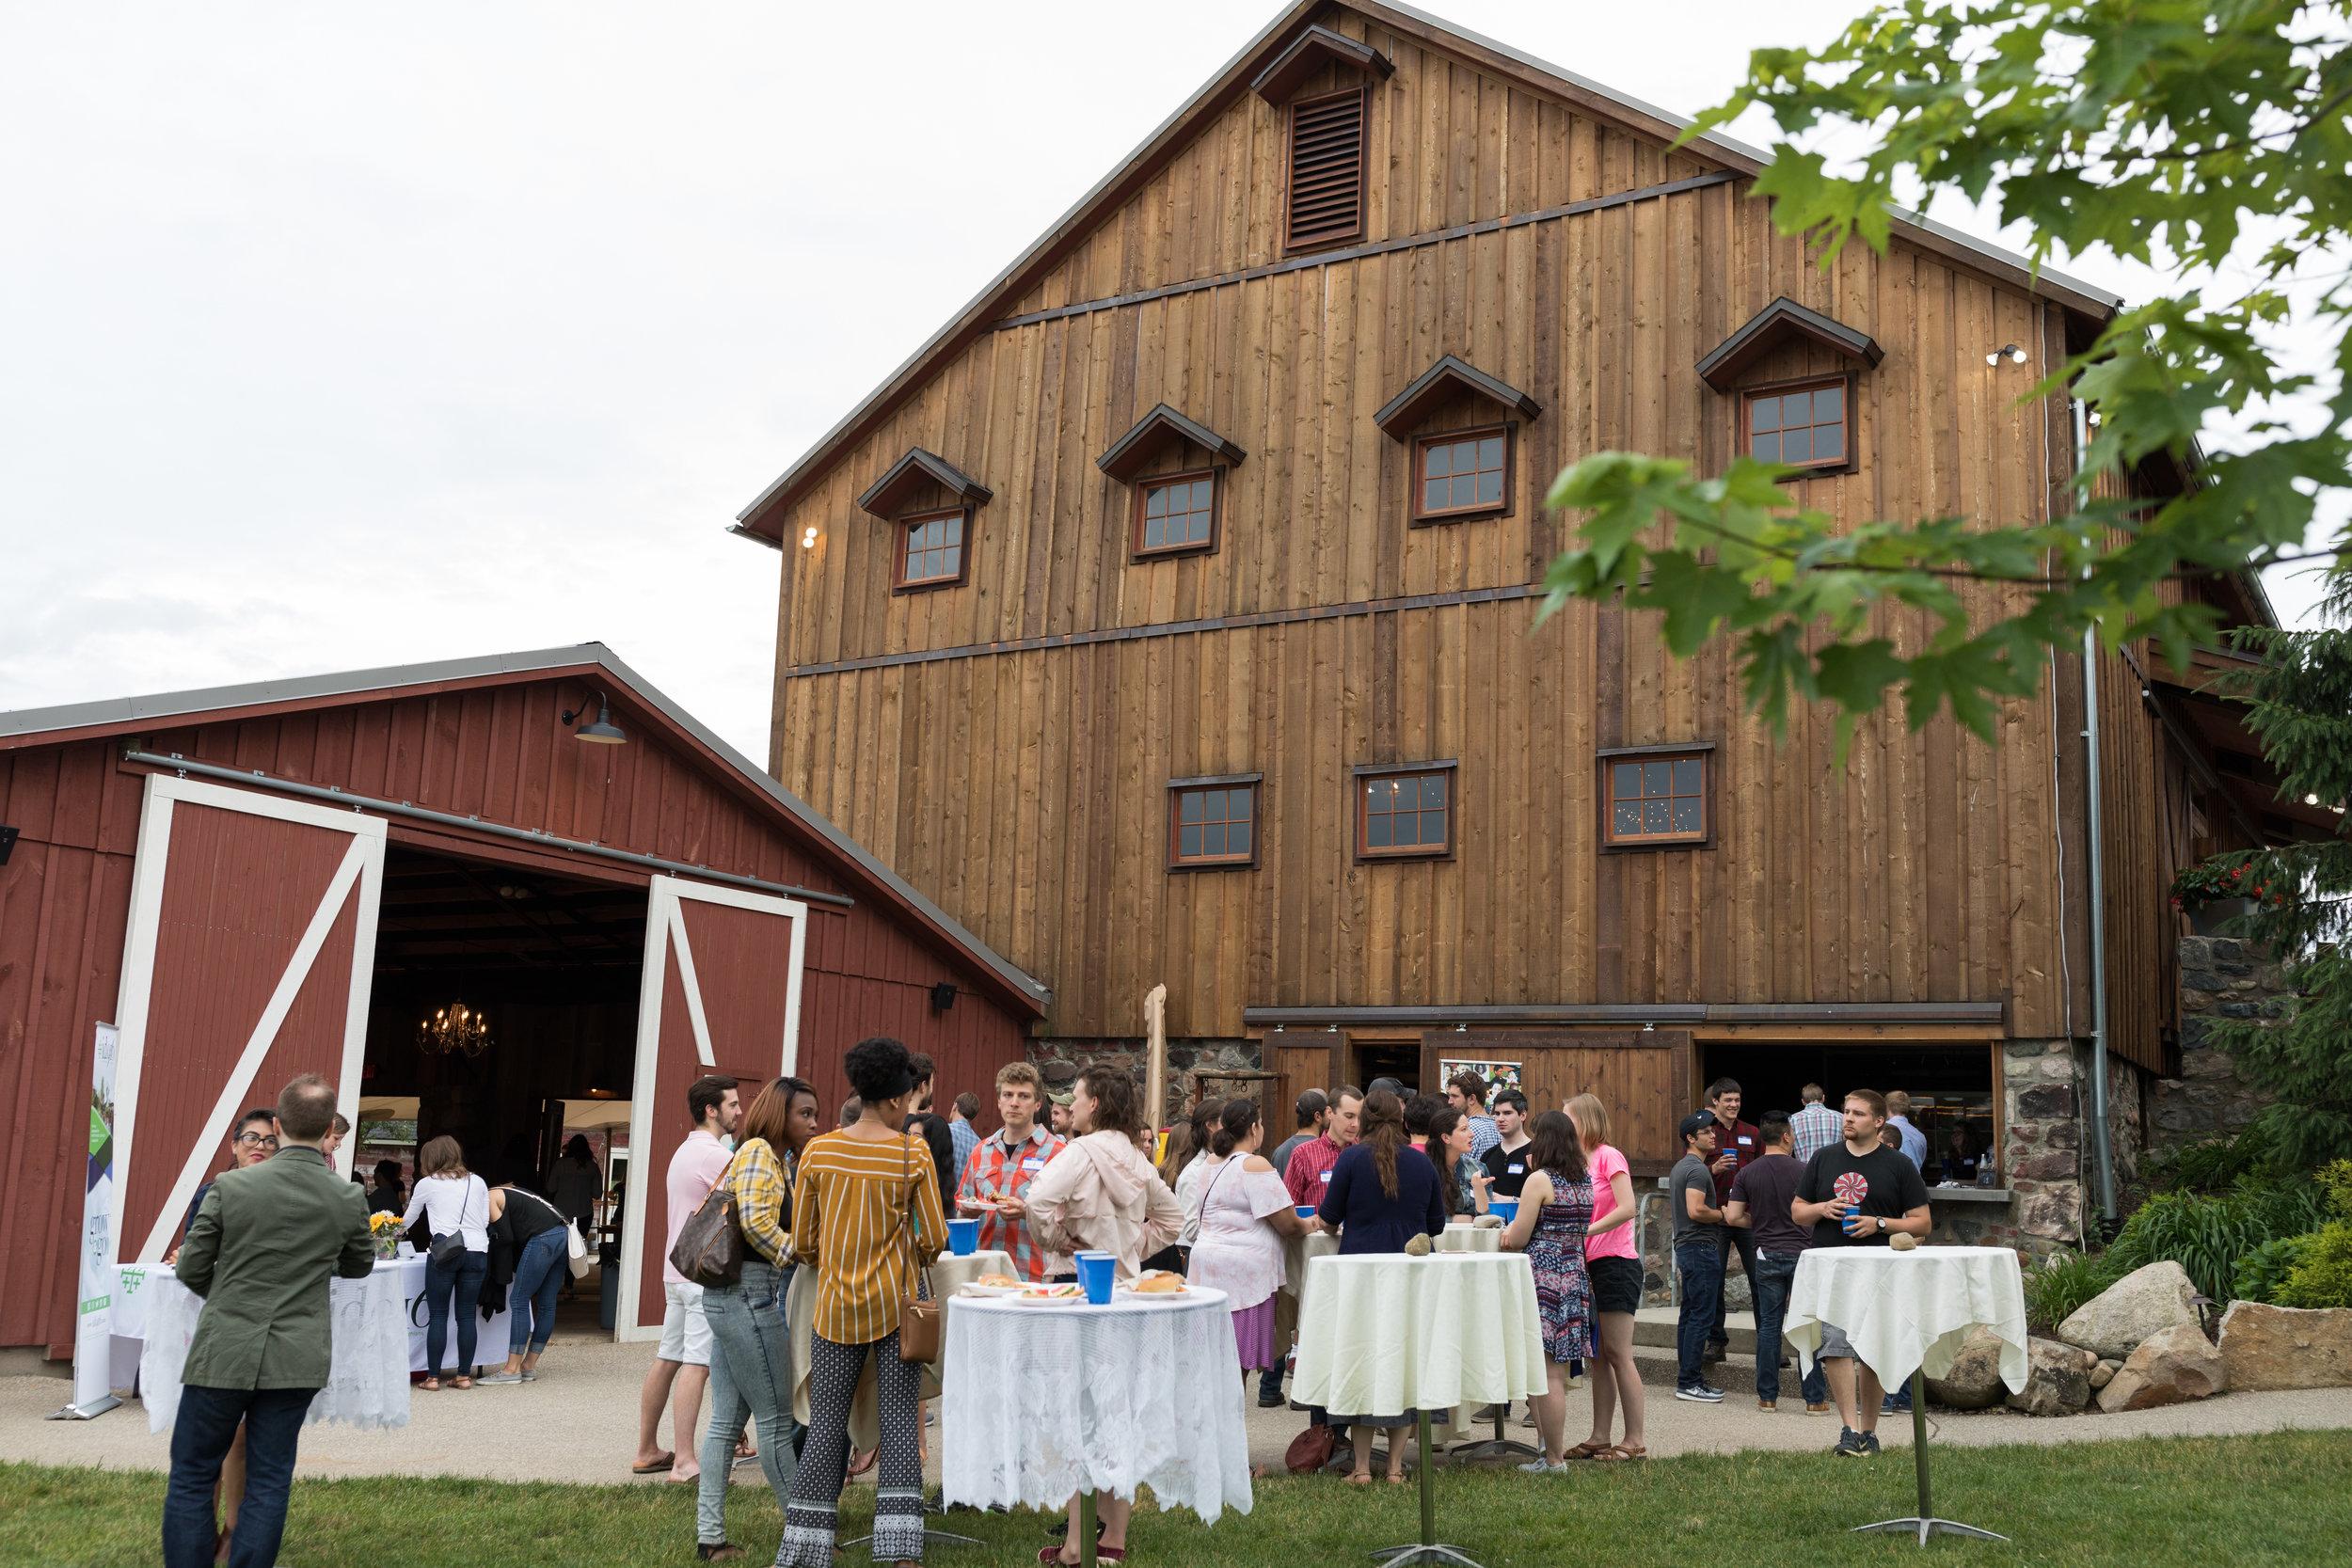 062018_id916_barn_party_118.jpg